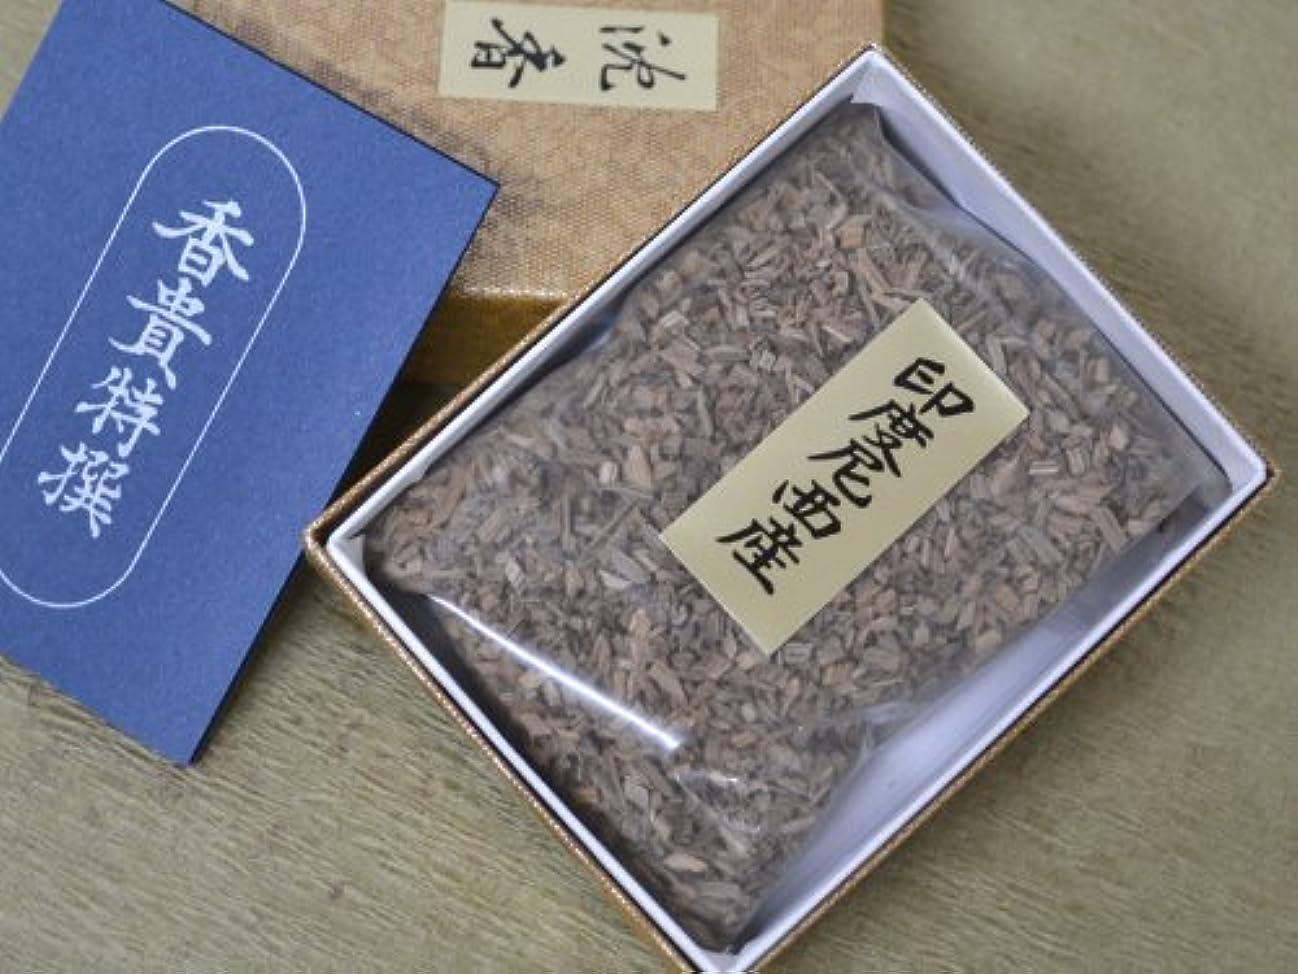 部分起きているソース香木 お焼香 インドネシア産 沈香 【最高級品】 18g